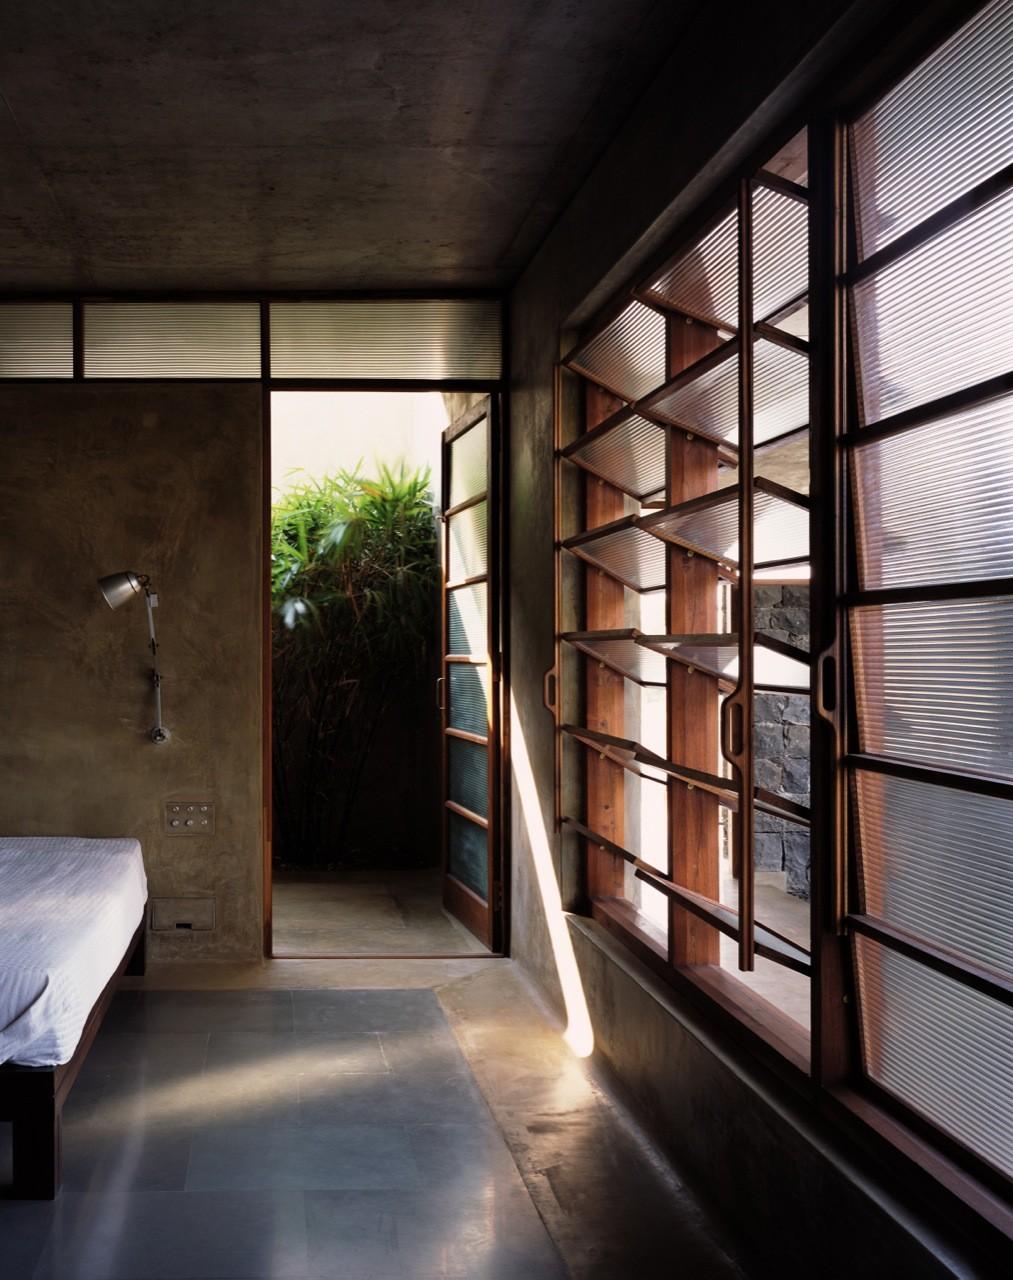 Utsav House Studio Mumbai - 5